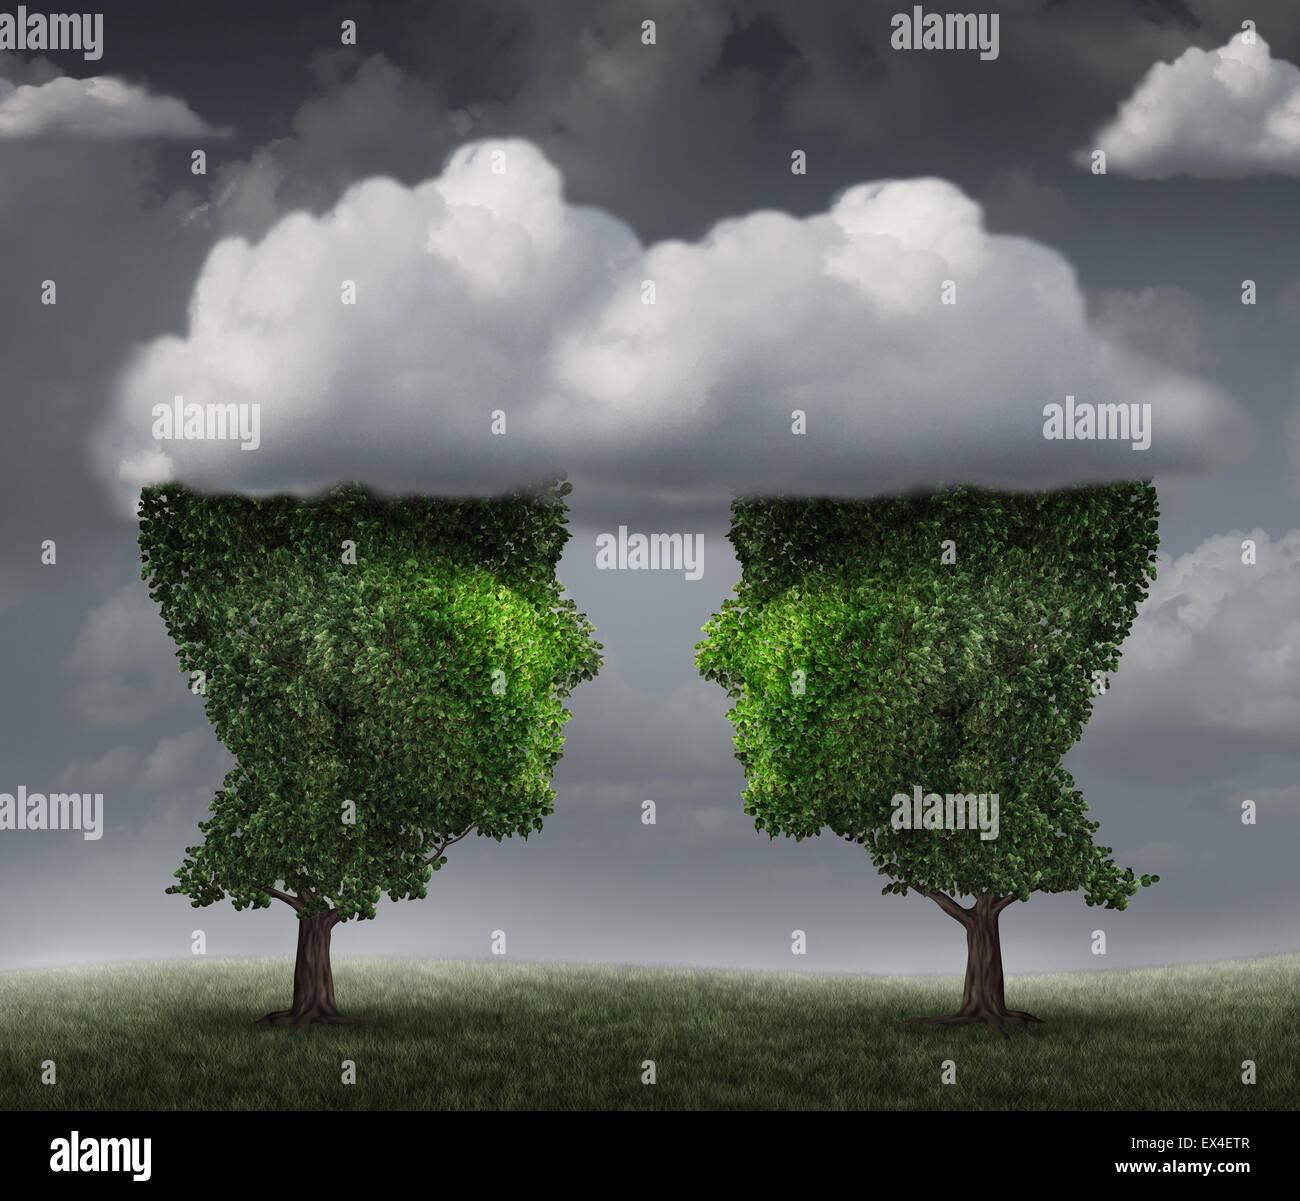 Cloud-Beziehung und wachsenden Netzwerk-Kommunikation mit einer Gruppe von zwei Bäumen geformt wie ein menschlicher Stockbild